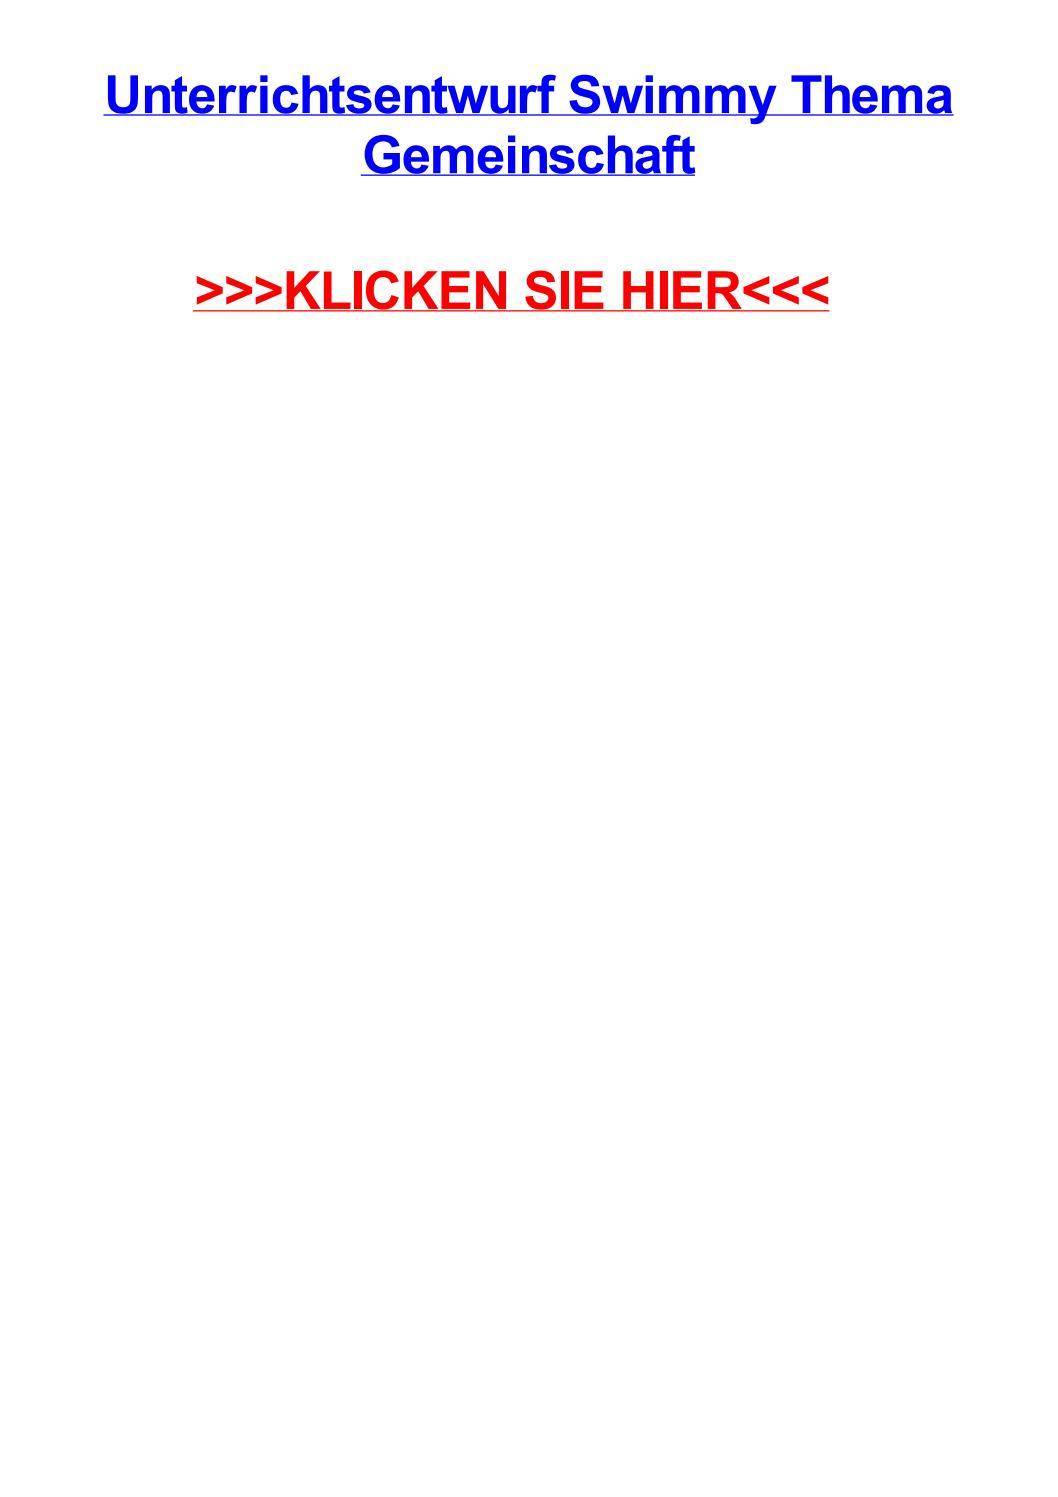 Unterrichtsentwurf swimmy thema gemeinschaft by jenfvjts - issuu